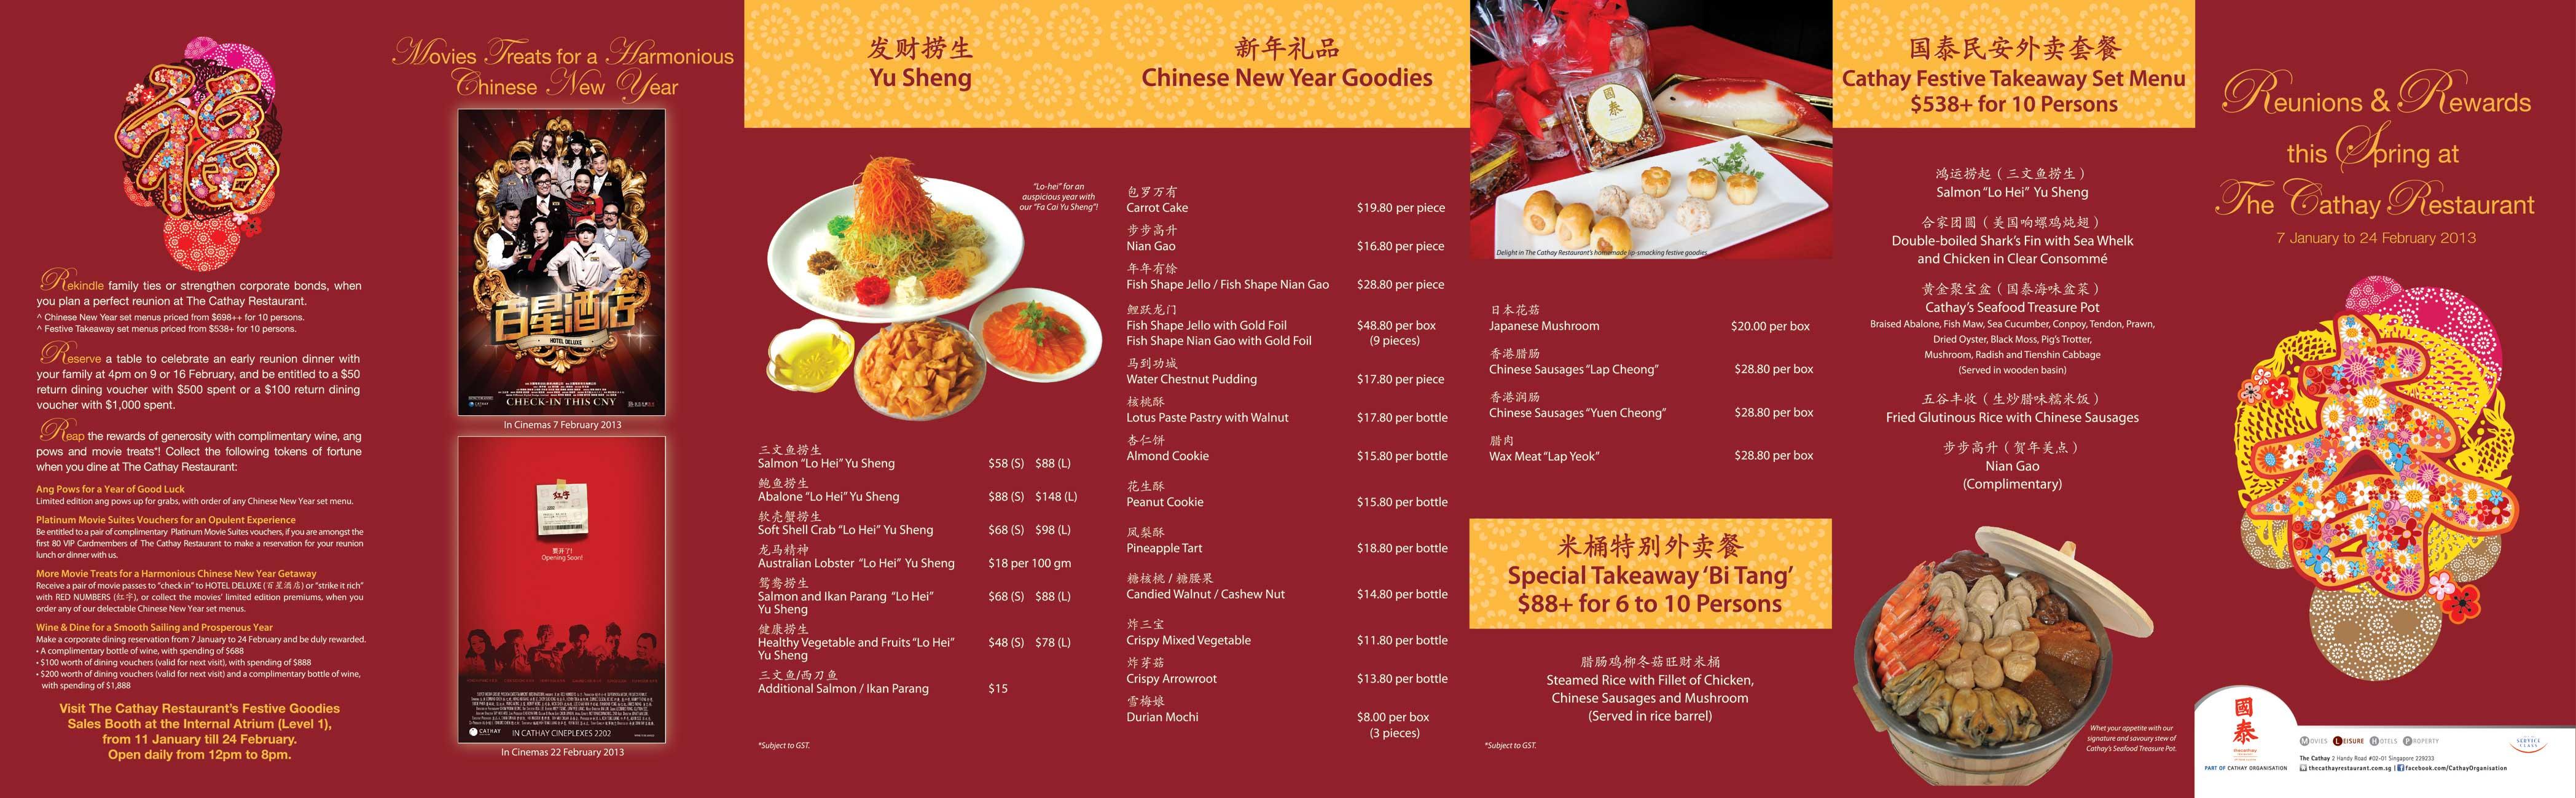 Cathay Chinese Restaurant Menu